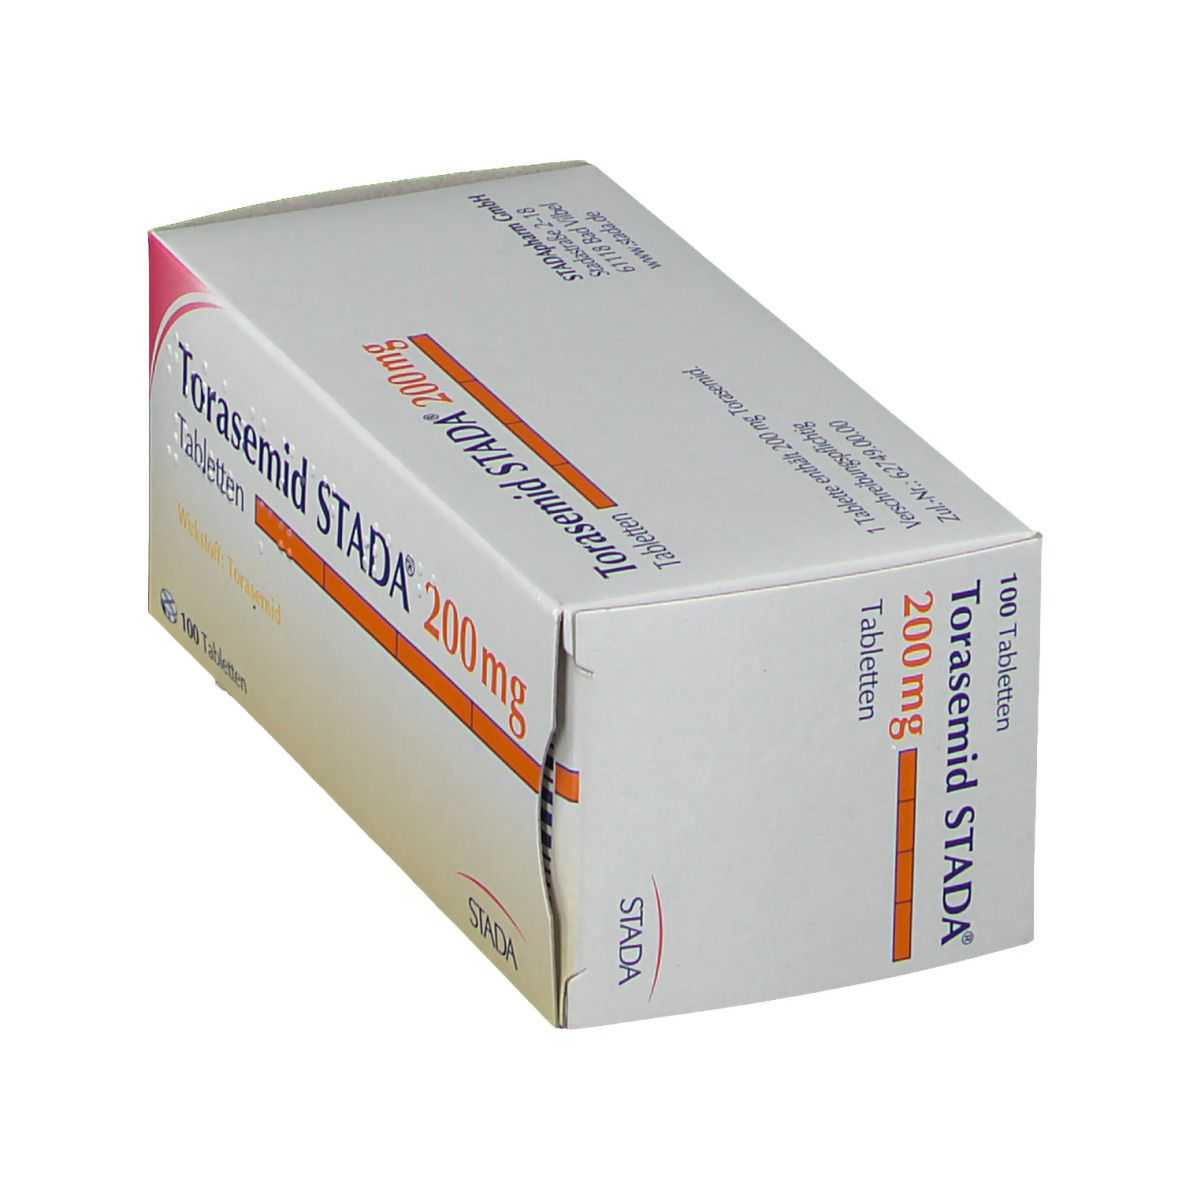 Torasemid STADA® 200 mg Tabletten